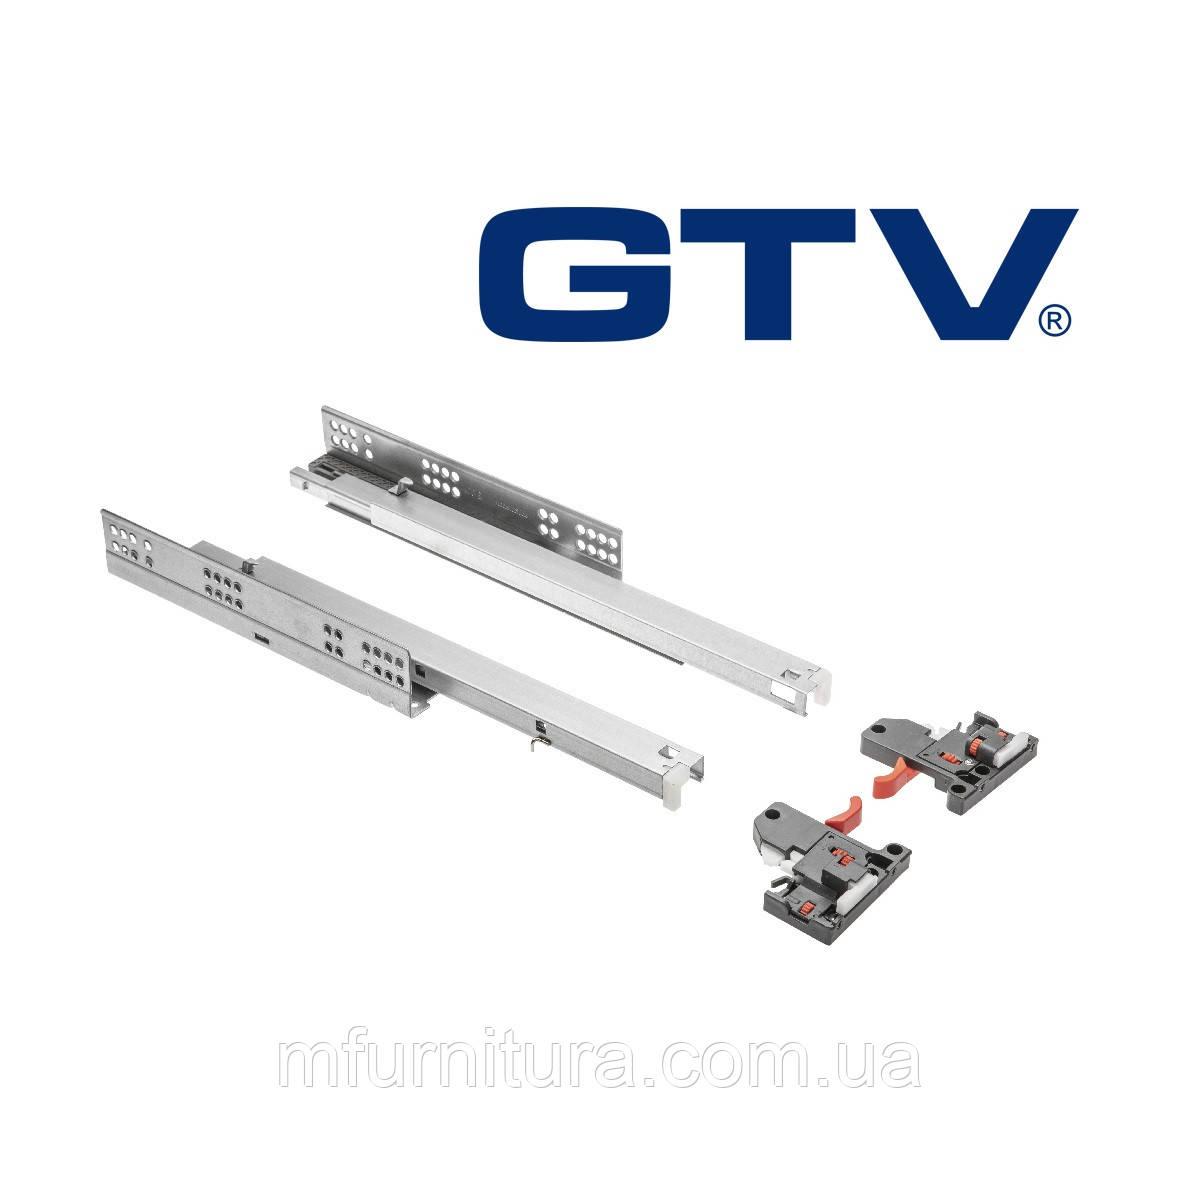 Напр. ModernSlide 400 мм, полн. выдв.(18 мм)(PB3D0SHX18-400-H) (комплект) - GTV (Польша)